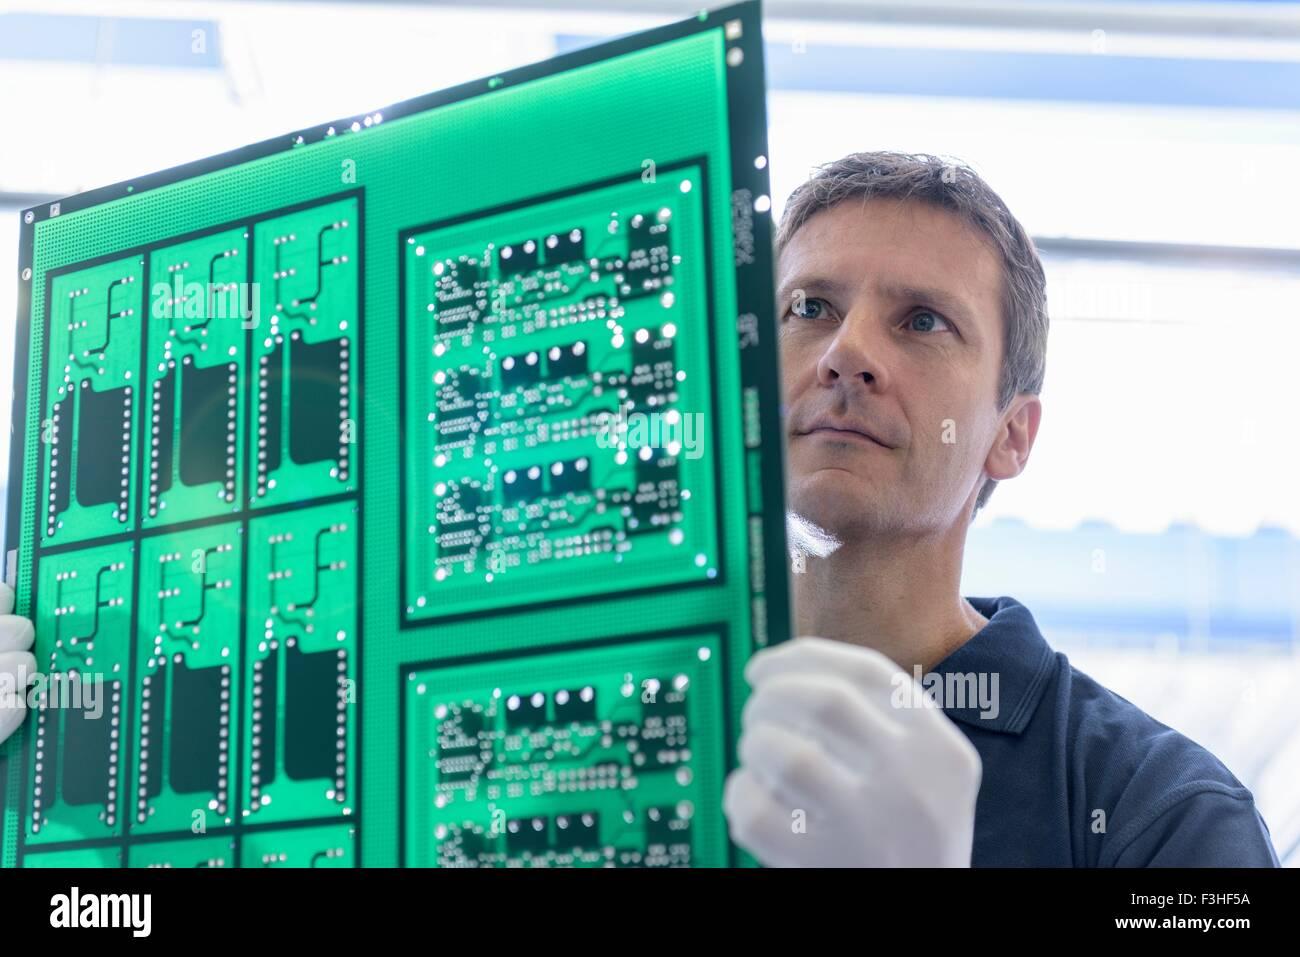 Placa de circuito de inspección del trabajador durante el proceso de fabricación en fábrica de placa Imagen De Stock